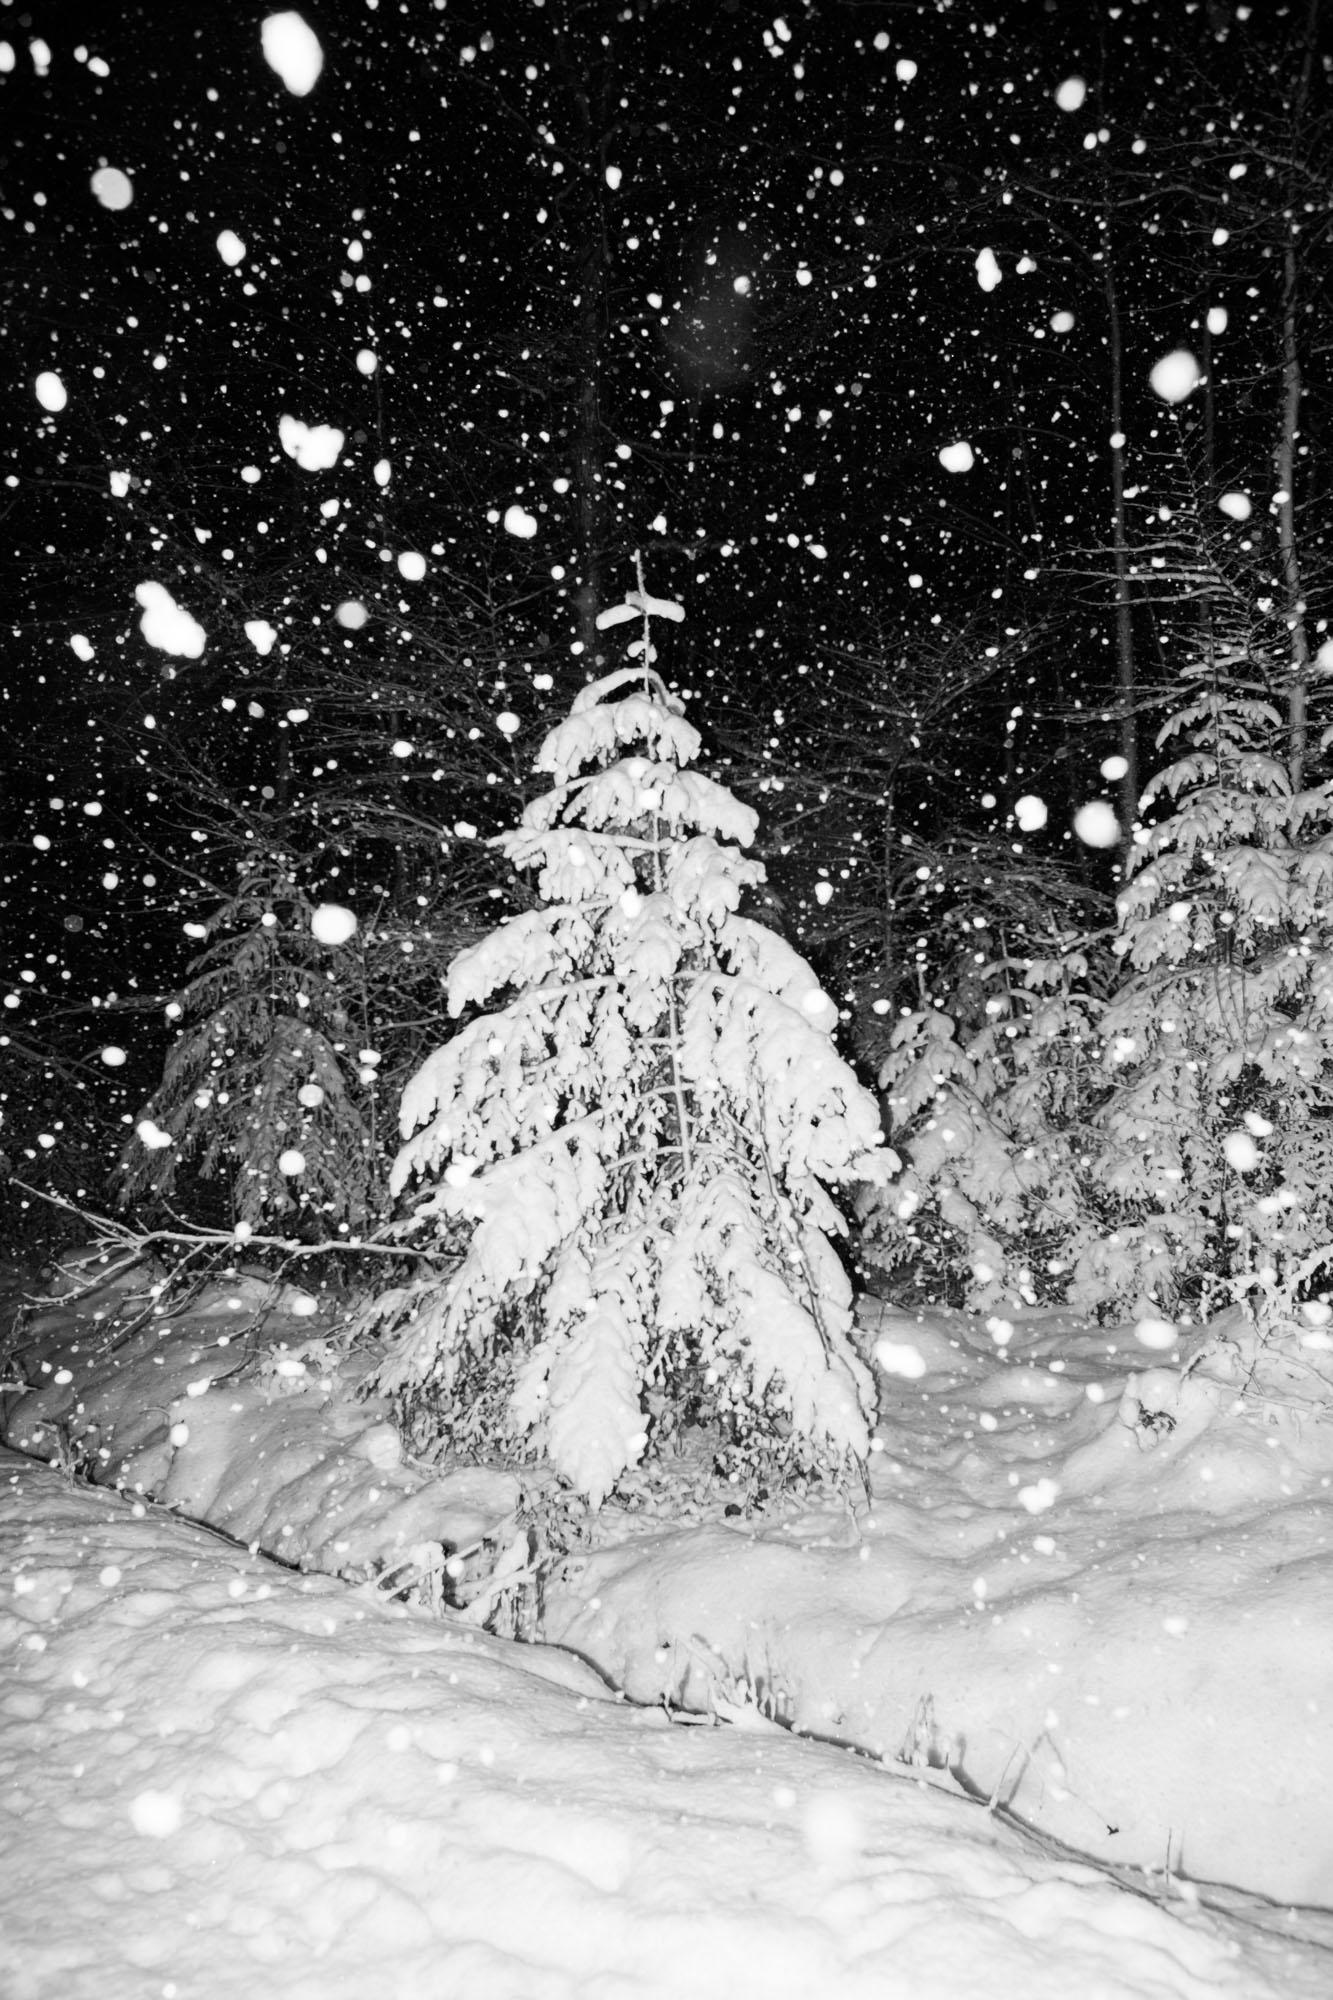 nouveau-monde-fribourg-suisse-photographe-pierre-yves-massot-4.jpg